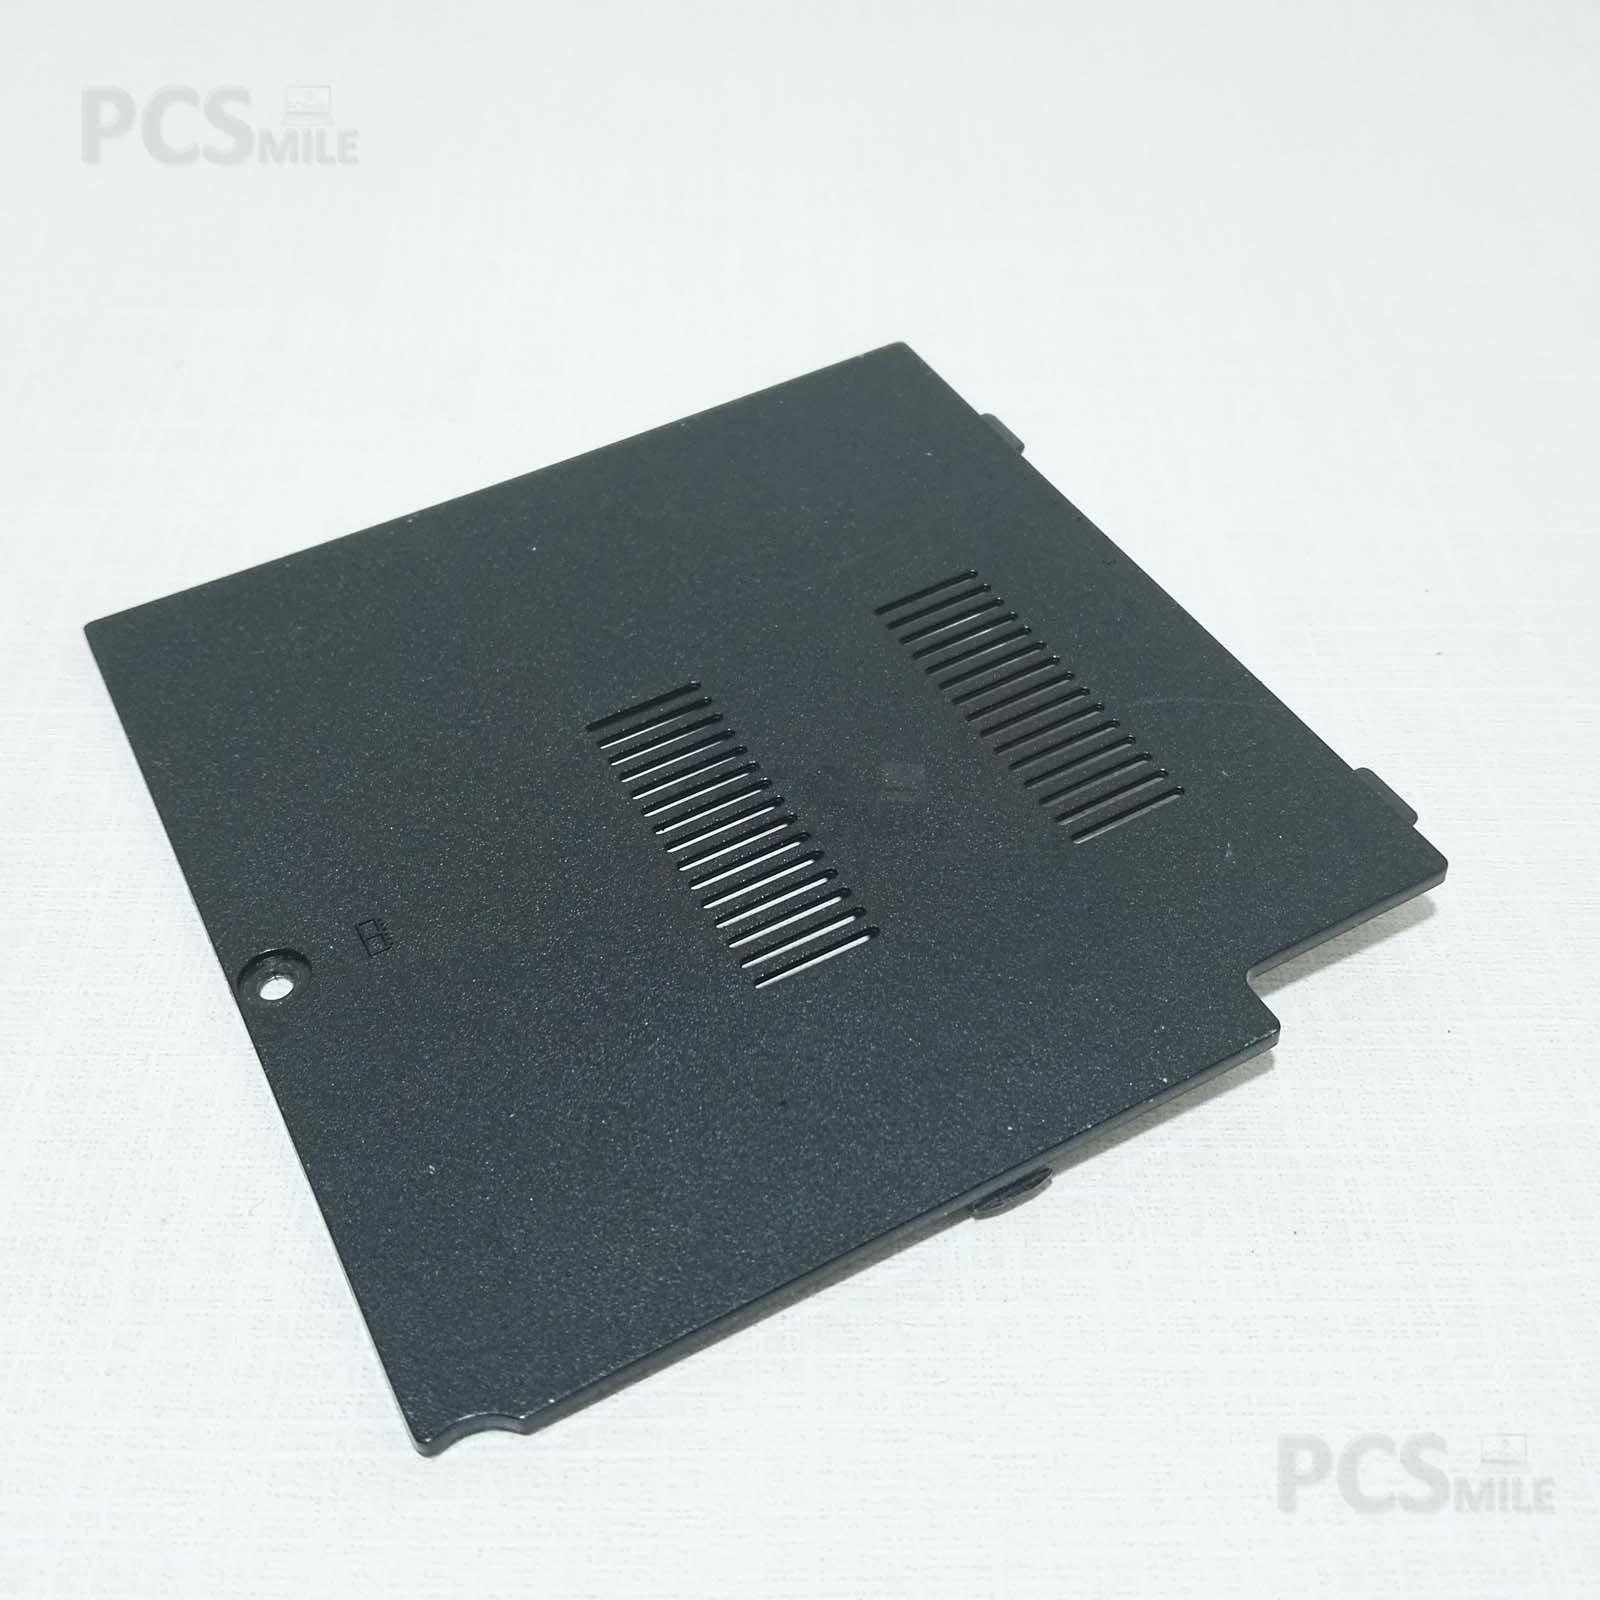 Sportellino APZHM000900 Olidata tehom CW4800 coperchio posteriore RAM